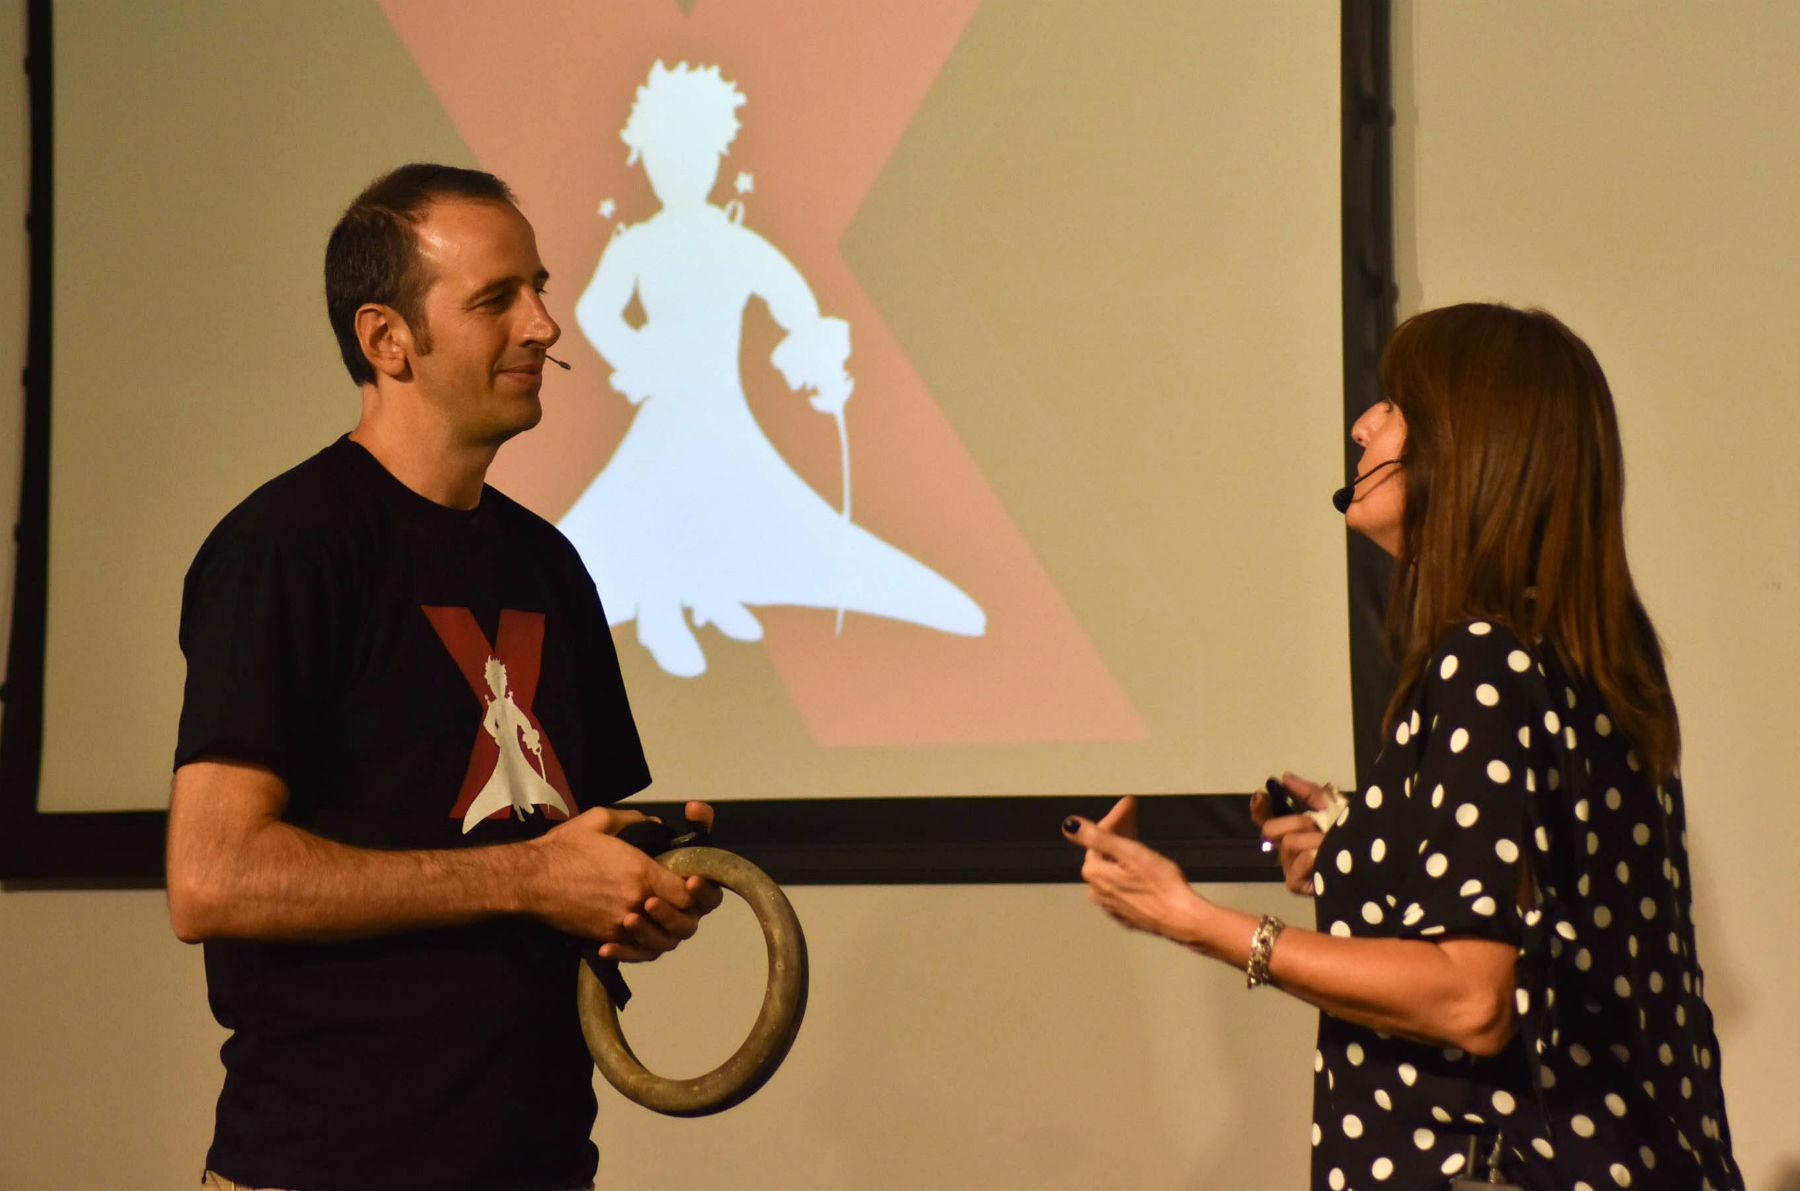 El Principito detrás, en el logo de Parque San Carlos que organizó el evento TEDx en Concordia.